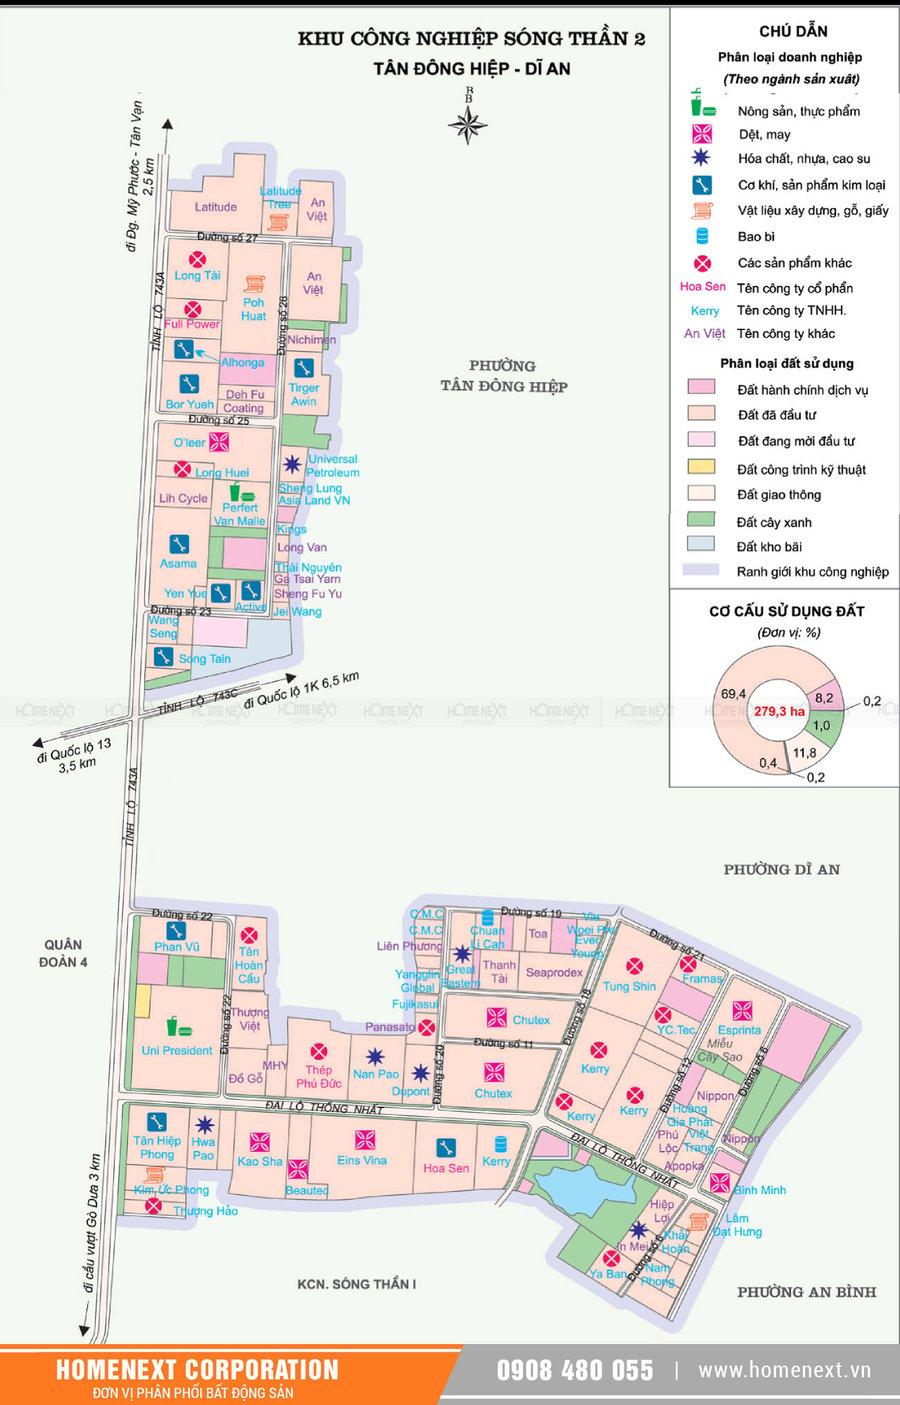 Bản đồ khu công nghiệp Sóng Thần 2 Dĩ An Bình Dương. Nhấp vào ảnh xem đầy đủ kích thước